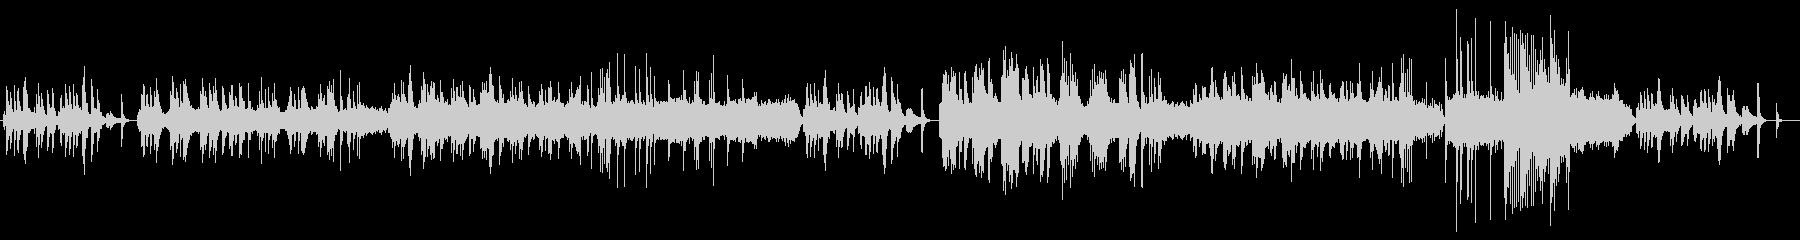 静かな夜のピアノとストリングスのBGMの未再生の波形